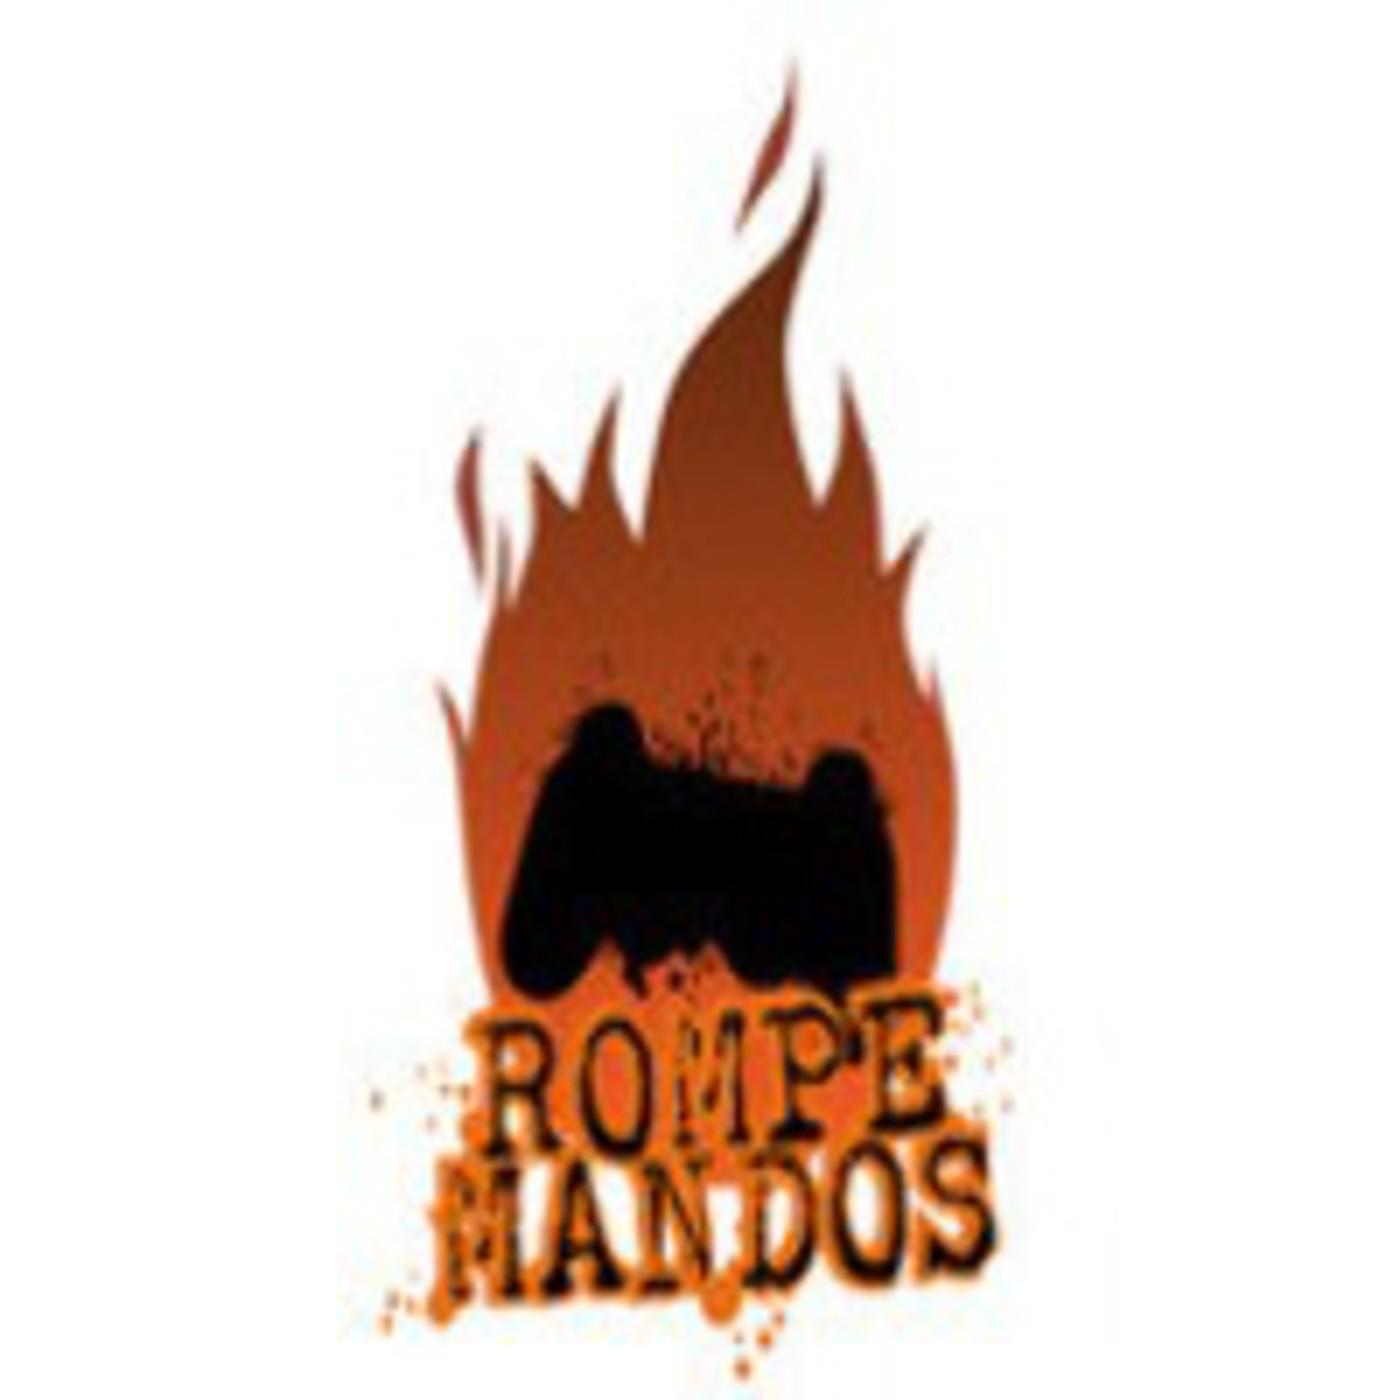 Rompemandos 2x23 Kingdoms of Amalur: Reckoning, Final Fantasy XIII-2, Juegos ñoños, Mitos y leyendas de japón: Yuki-ona